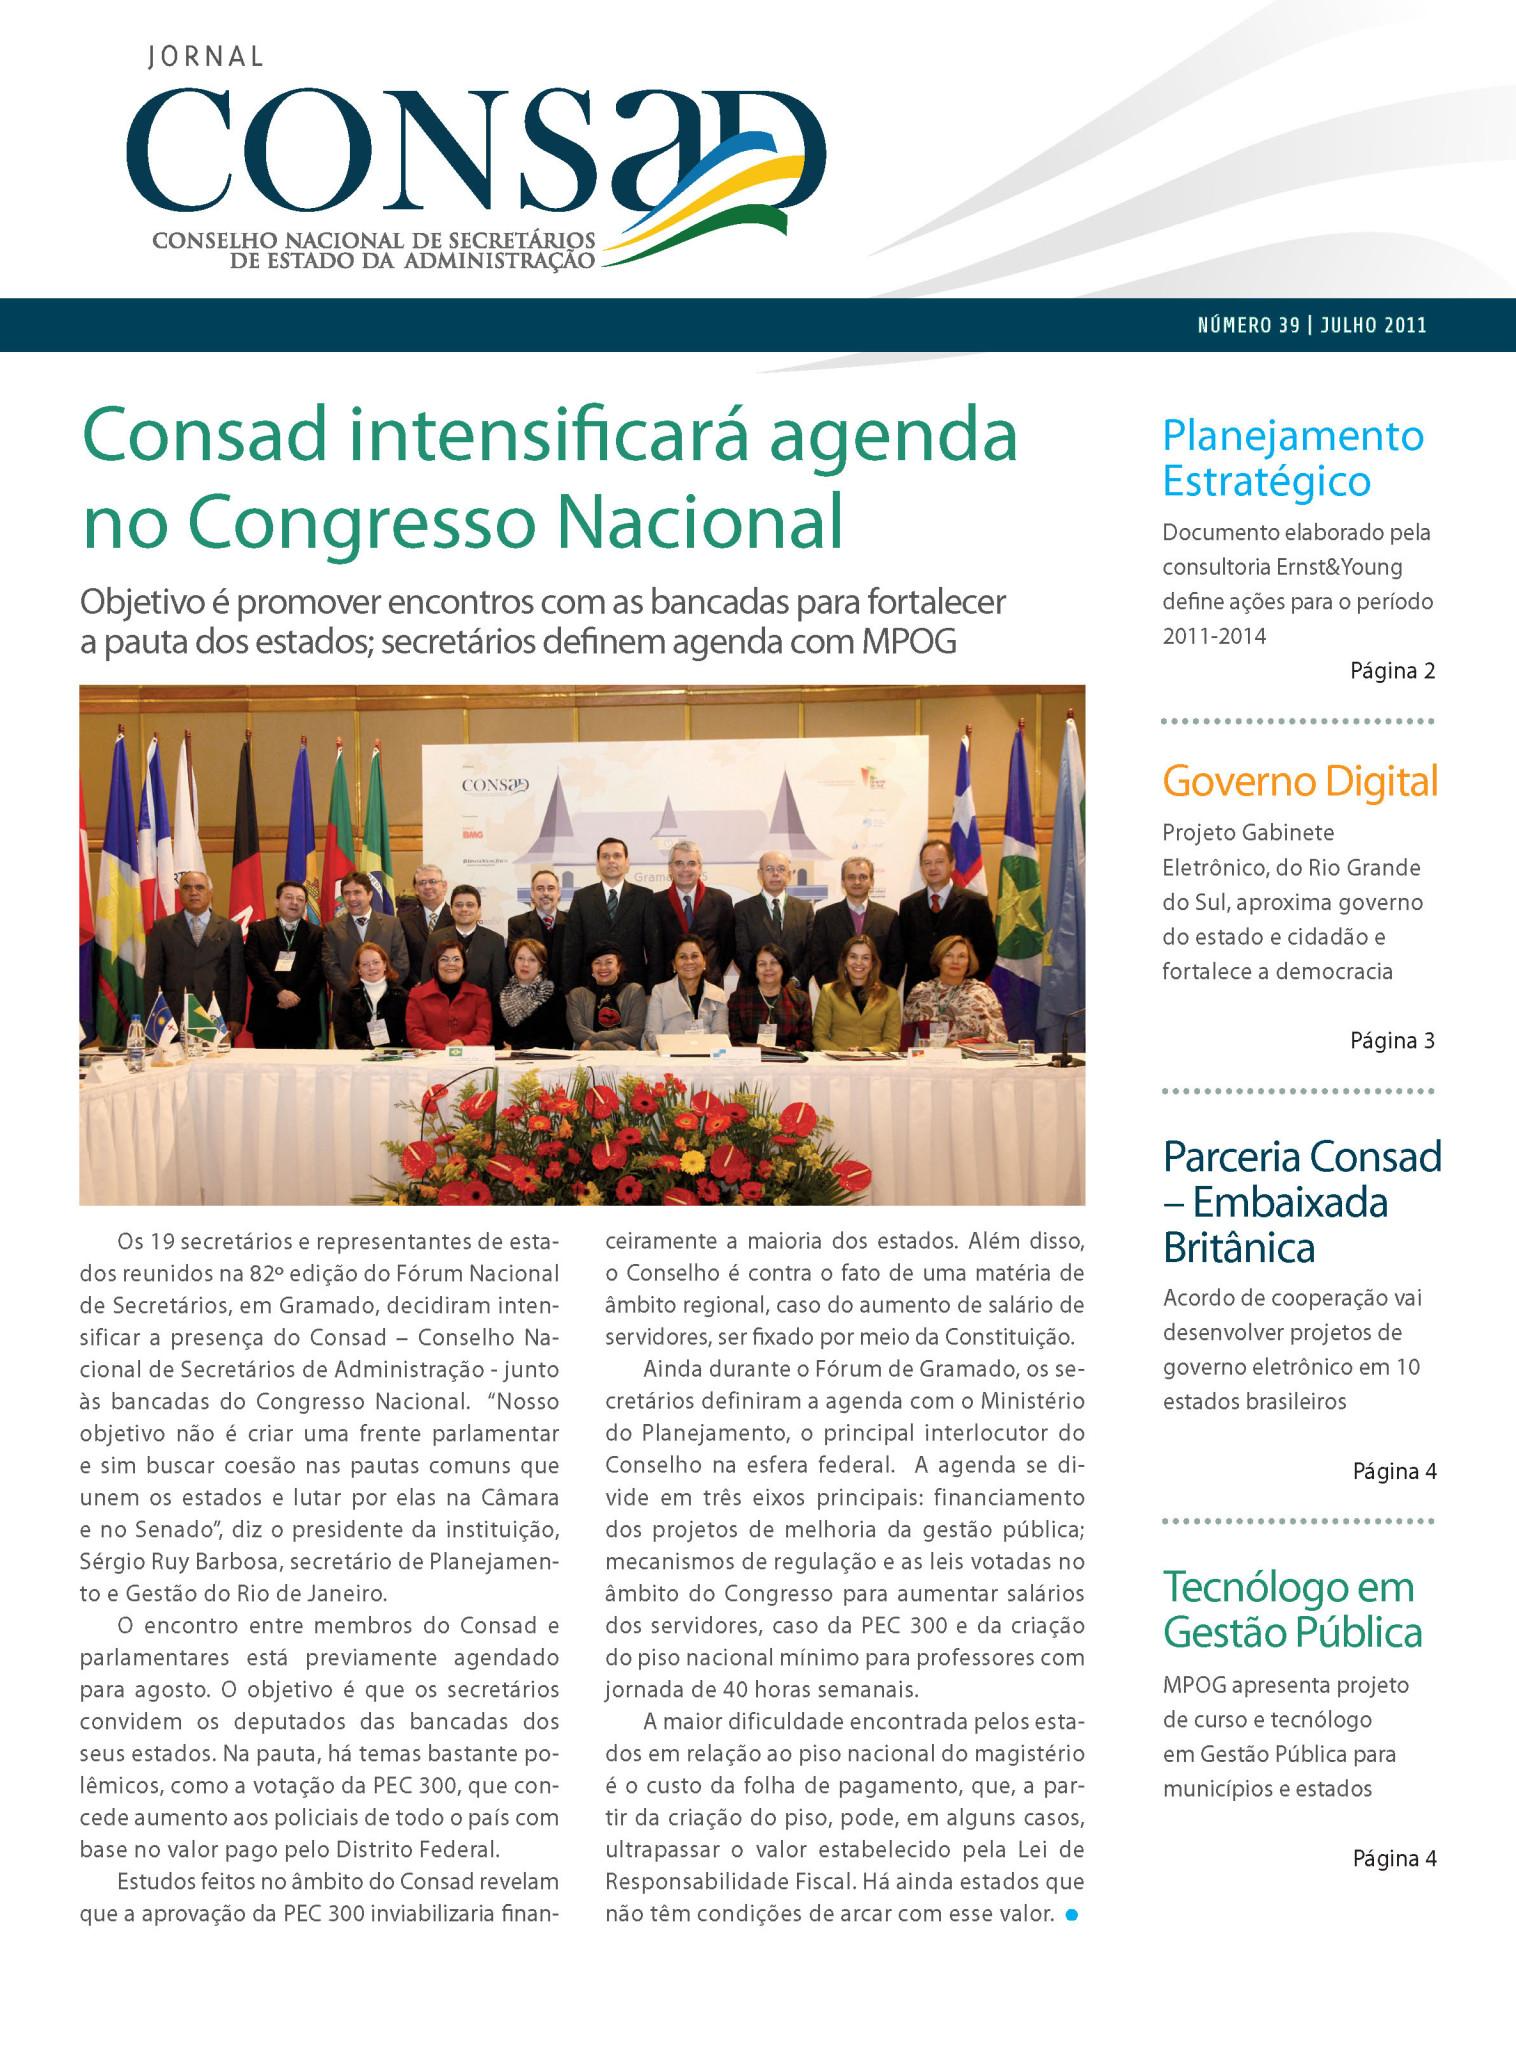 Jornal do Consad Número 39 – Julho de 2011